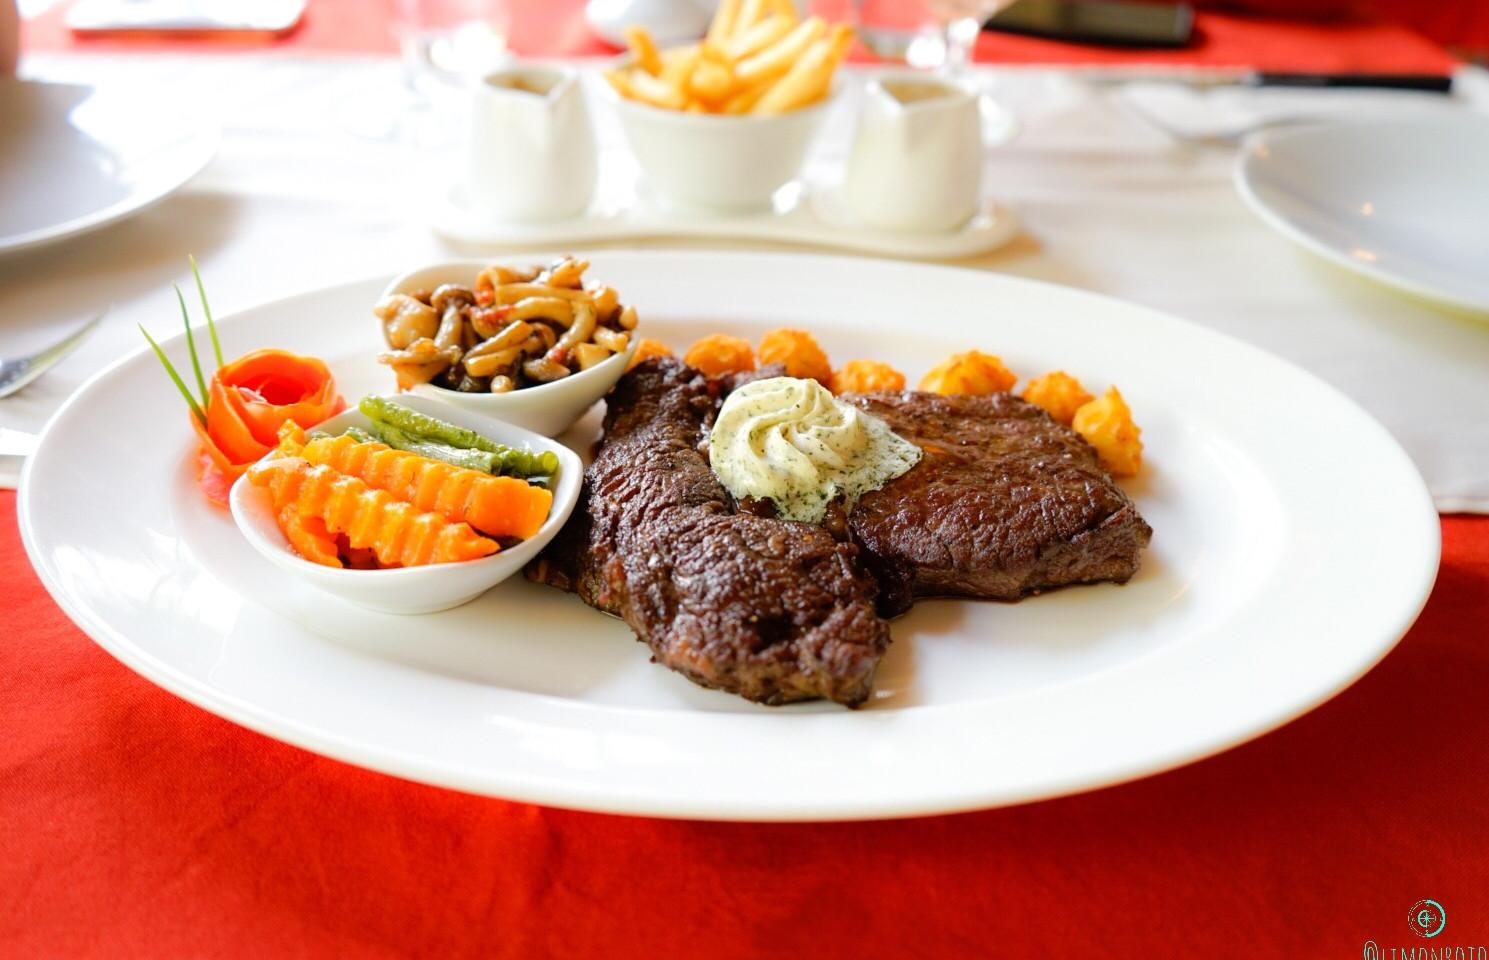 CHAROLAISE 350 gr  Une saveur élégante et très peu grasse: il a tout pour plaire Idéal pour les amateurs de tendresse et de légèreté. Steak de bœuf grillé «Charolaise» au beurre à l 'ail «Café de Paris» et Duo de sauce sauce Bordelaise traditionnelle / sauce au poivre vert de Kampot, avec des légumes et des frites  #frenchrestaurant #siemreap #cambodia #restaurantsiemreap#angkorwat #asia #siemreapdining #restaurantsiemreap #siemreapfrenchrestaurant #restaurantfrenchsiemreap #siemreaprestaurants #frenchrestaurantssiemreap #dessert #desserts #amazing #instagood #instafood #безфильтра #カンボジア #吴哥 #暹粒 #씨엠립 #앙코르 #캄보디아 #柬埔寨 #アンコールワット #シェムリアップ